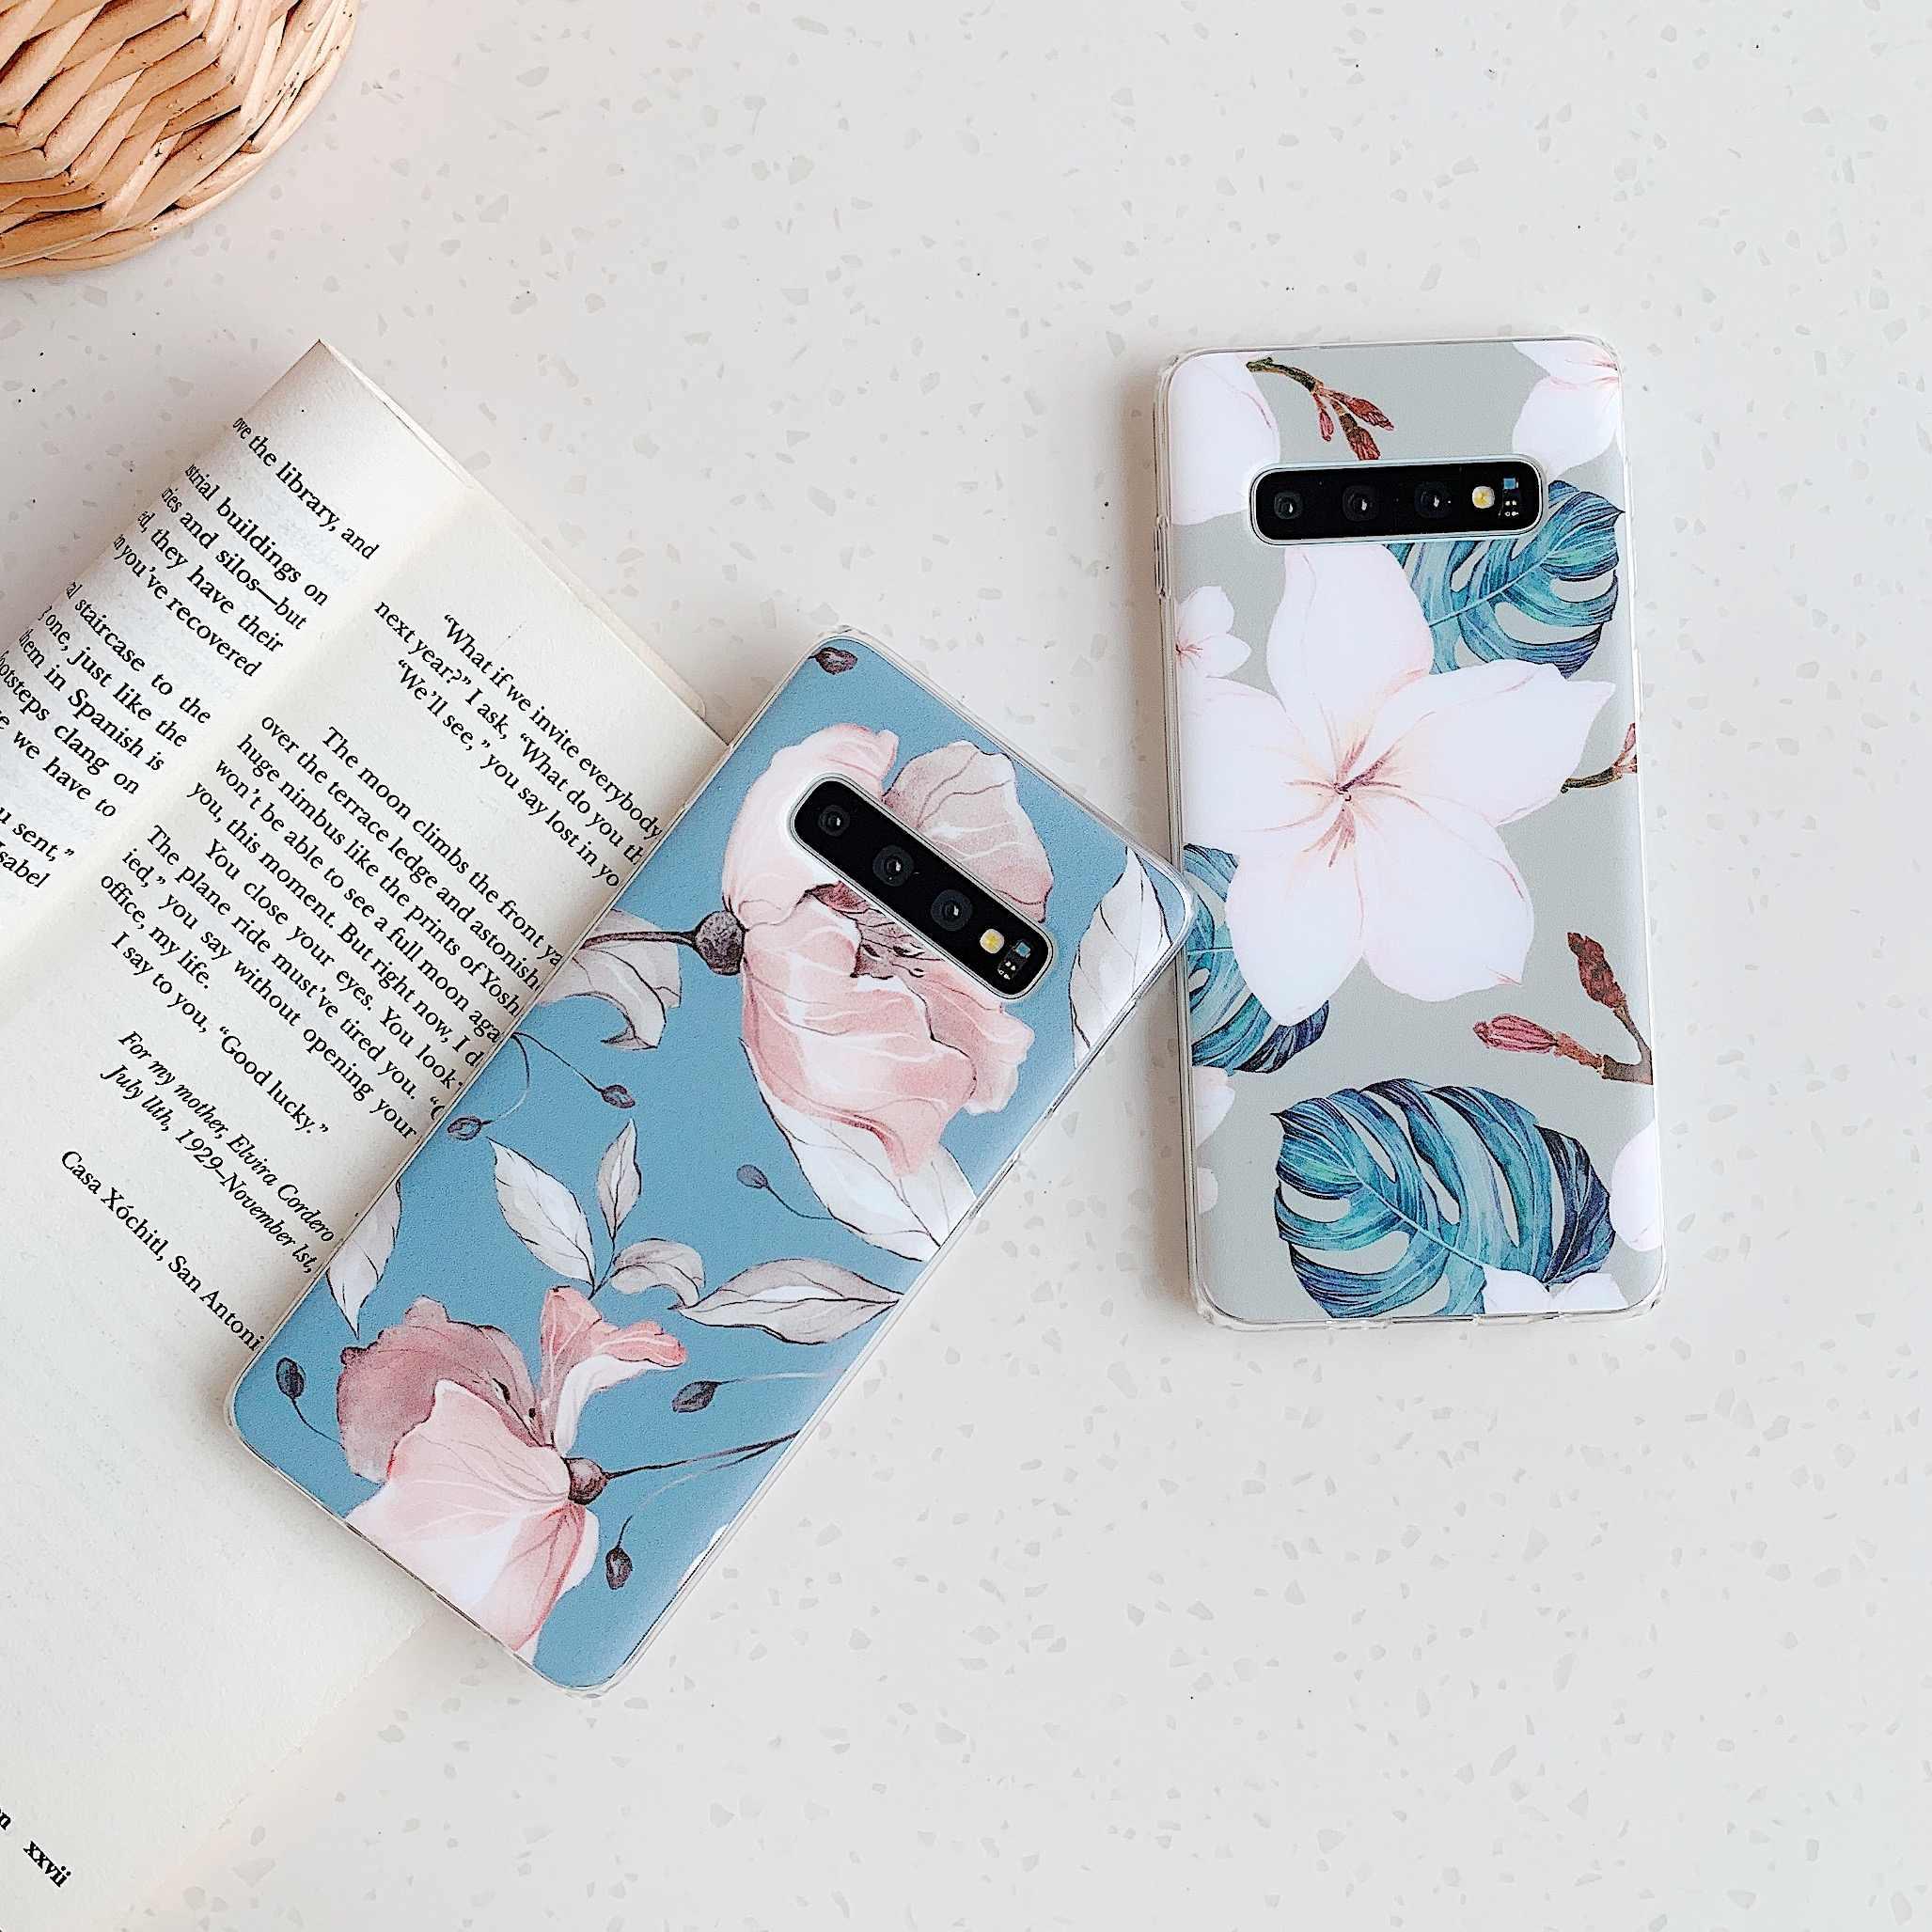 Vintage çiçek mavi muz yaprağı telefon kılıfı Samsung Galaxy S9 S8 S10 artı not 10 artı A40 A50 S20 artı yumuşak IMD kabuk kapak